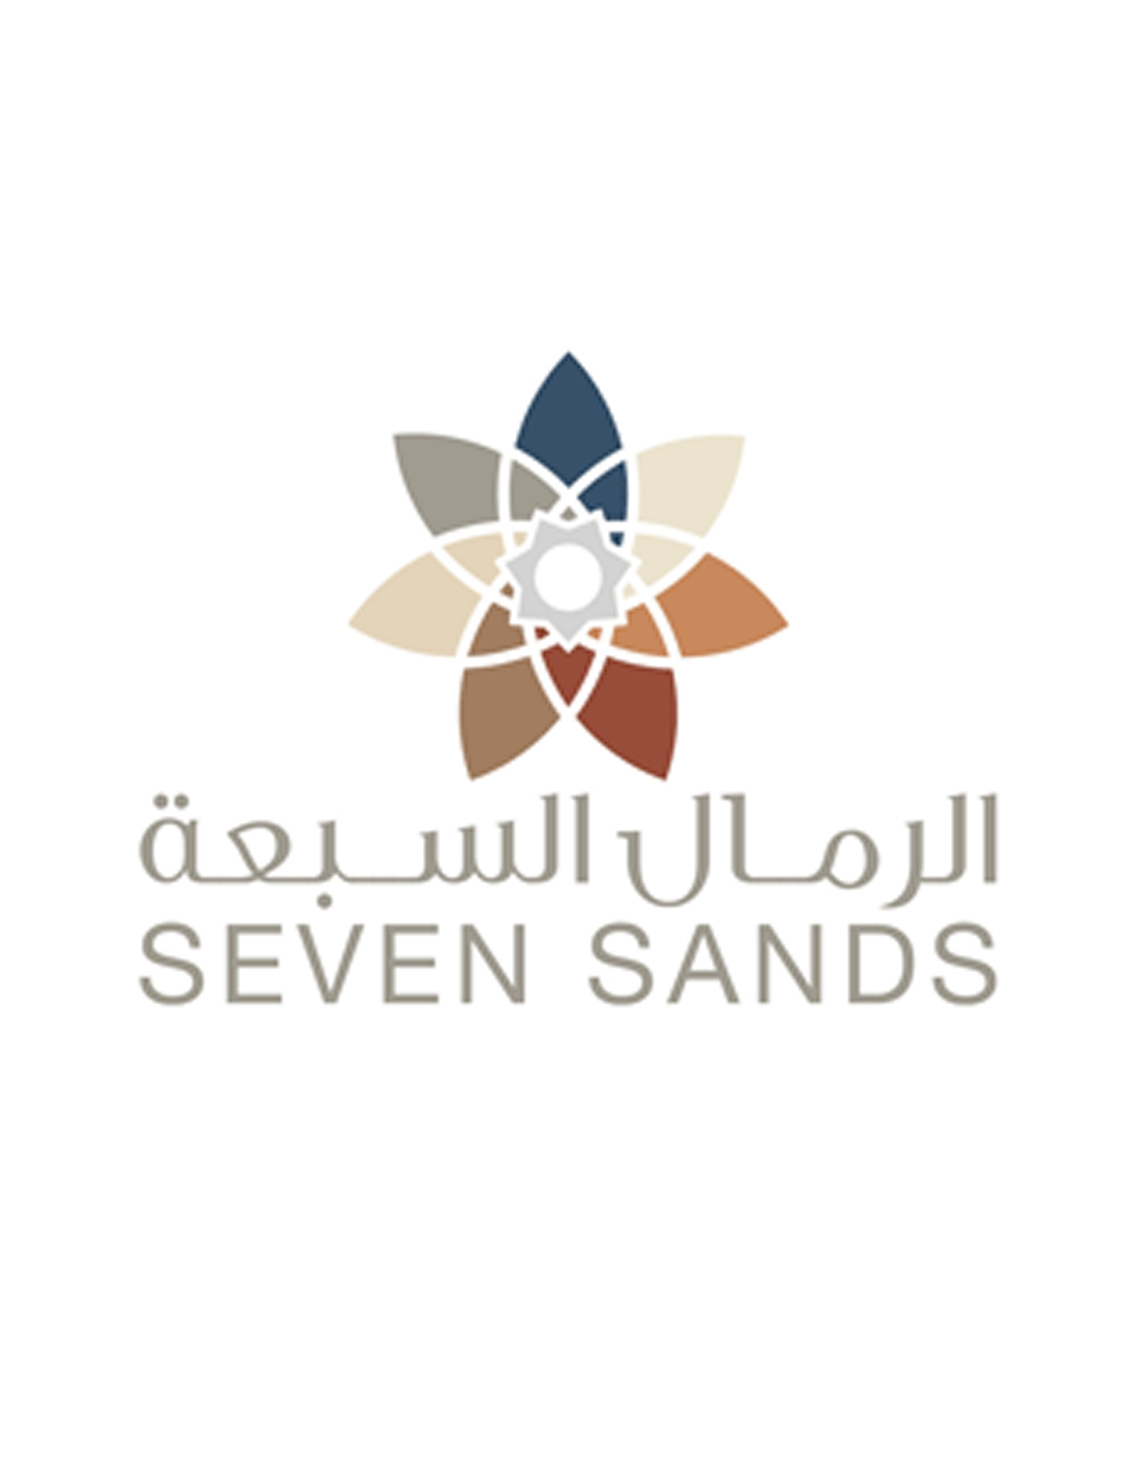 Seven-Sands